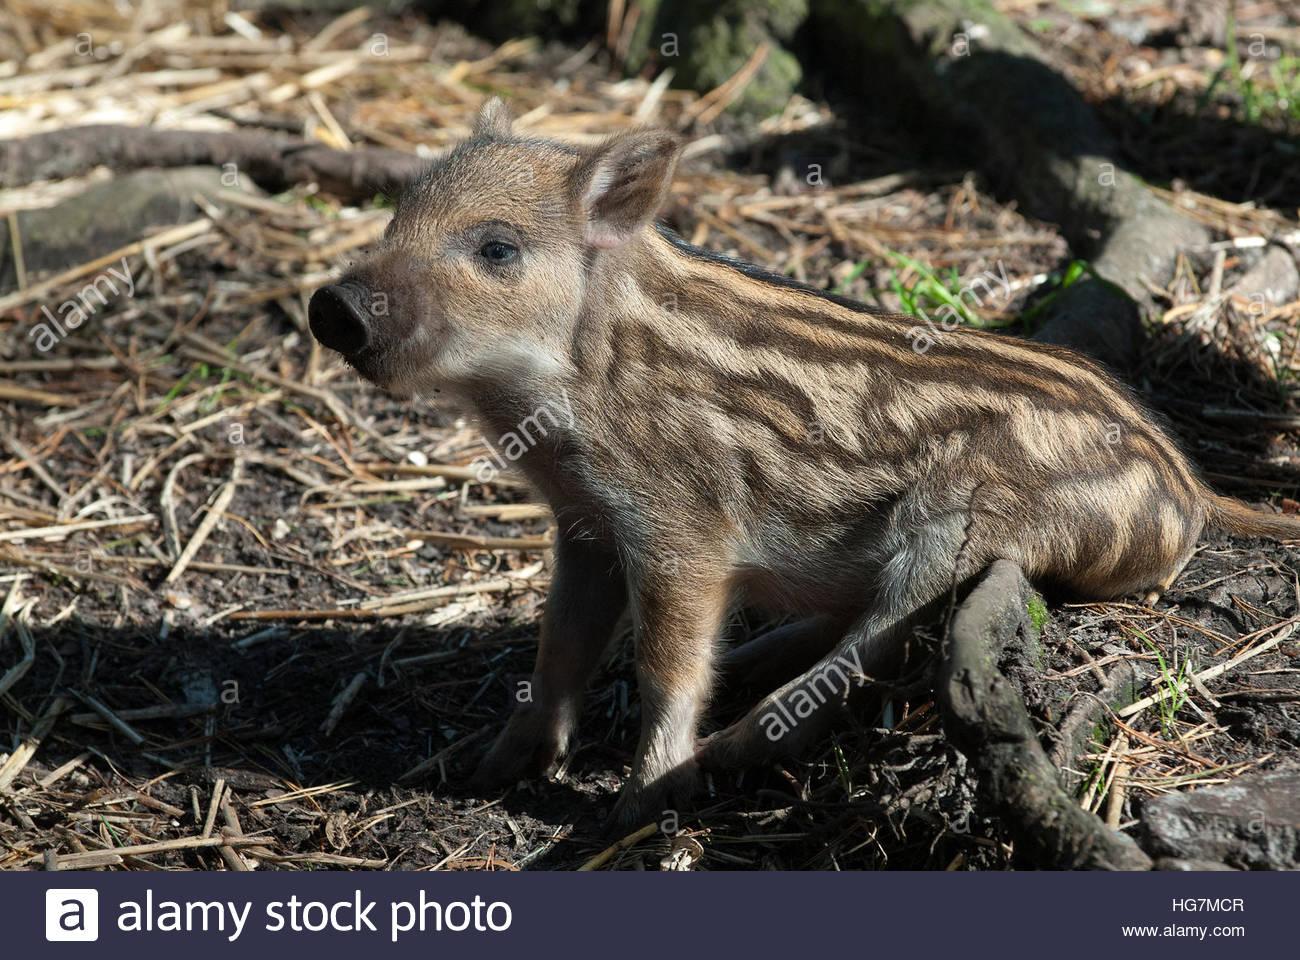 Eine europäische Wildschwein-Ferkel. Stockfoto